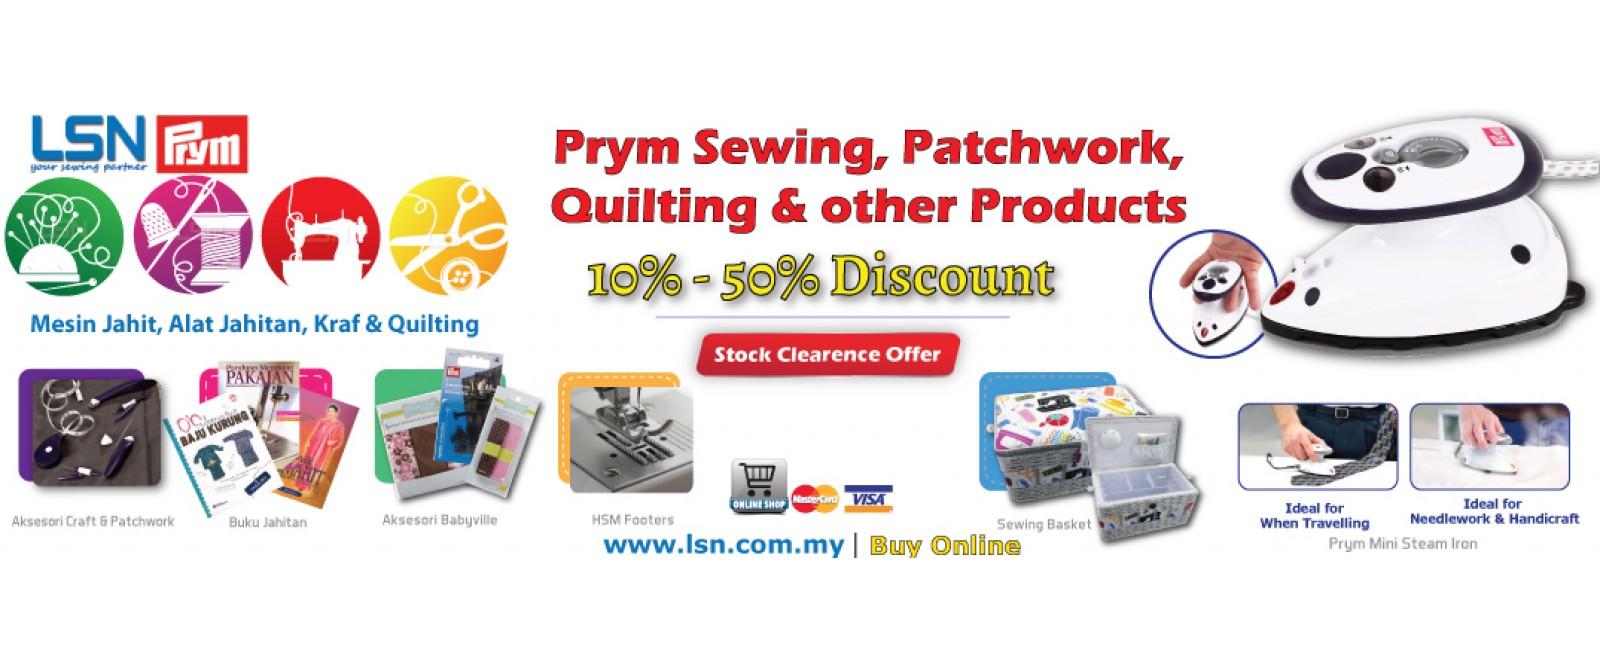 Prym Products